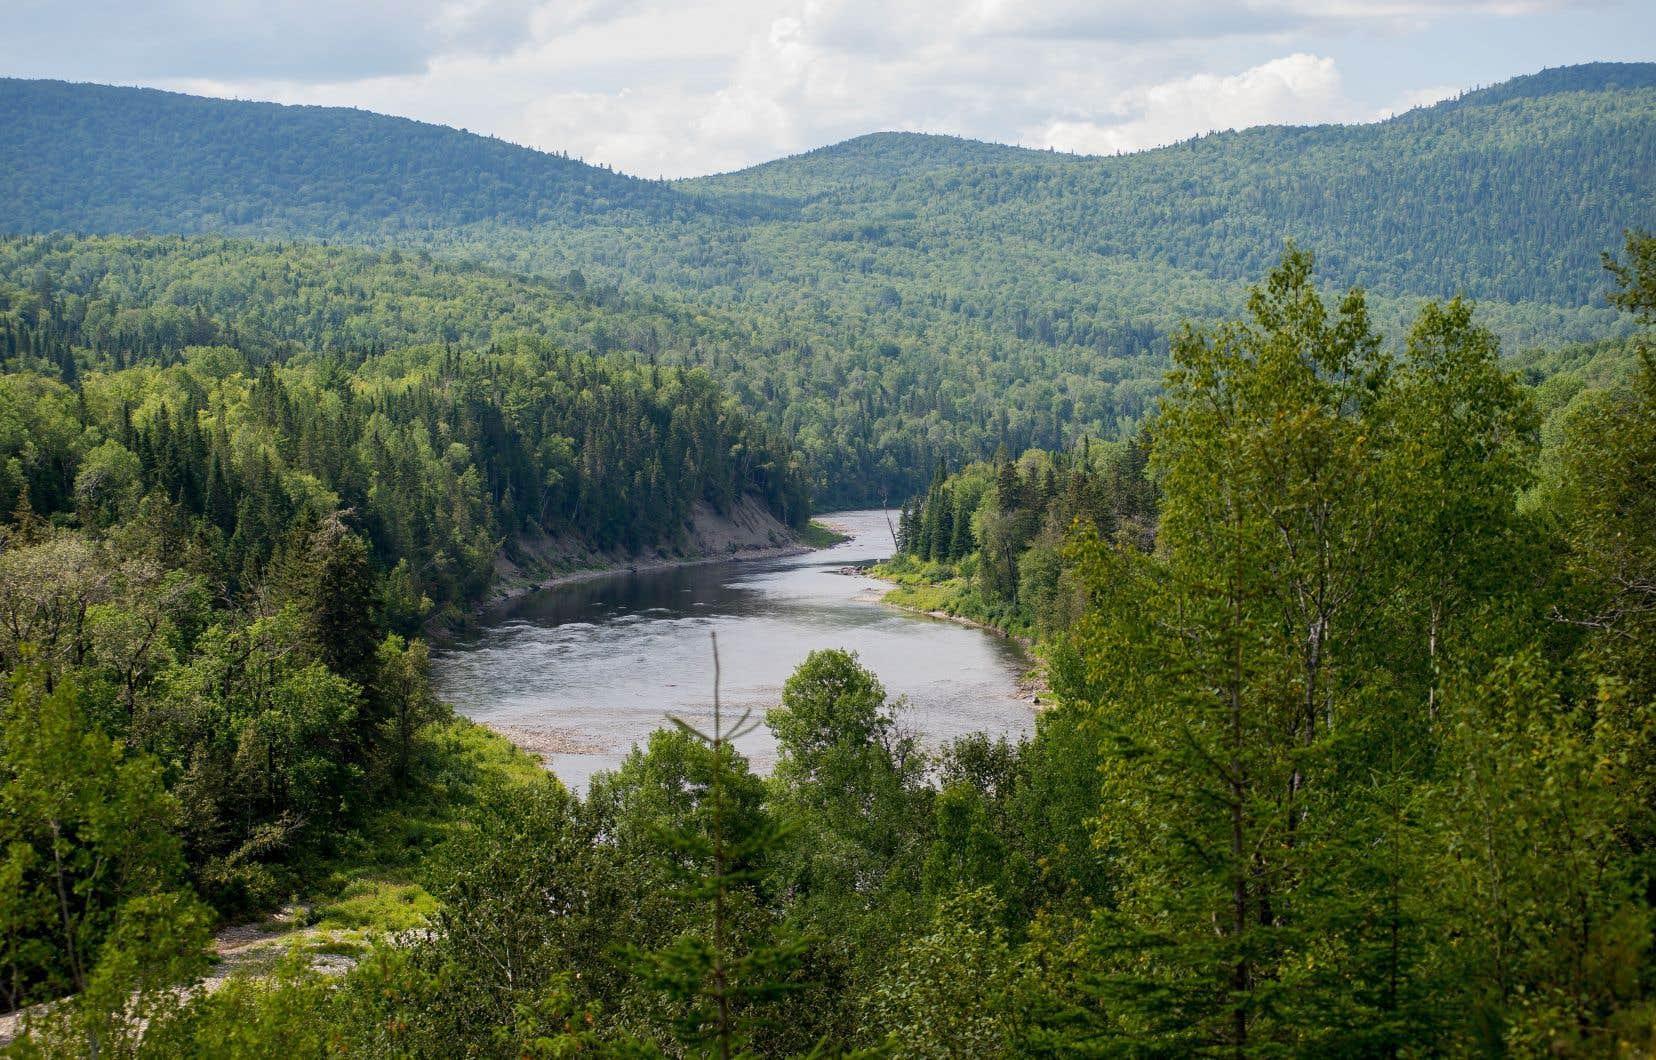 «La fracturation dans le schisteet en milieu hydriqueau Québec, c'est non, affirme le ministre. Nos lacs et nos rivières ne sont pas ouverts aux pétrolières.»